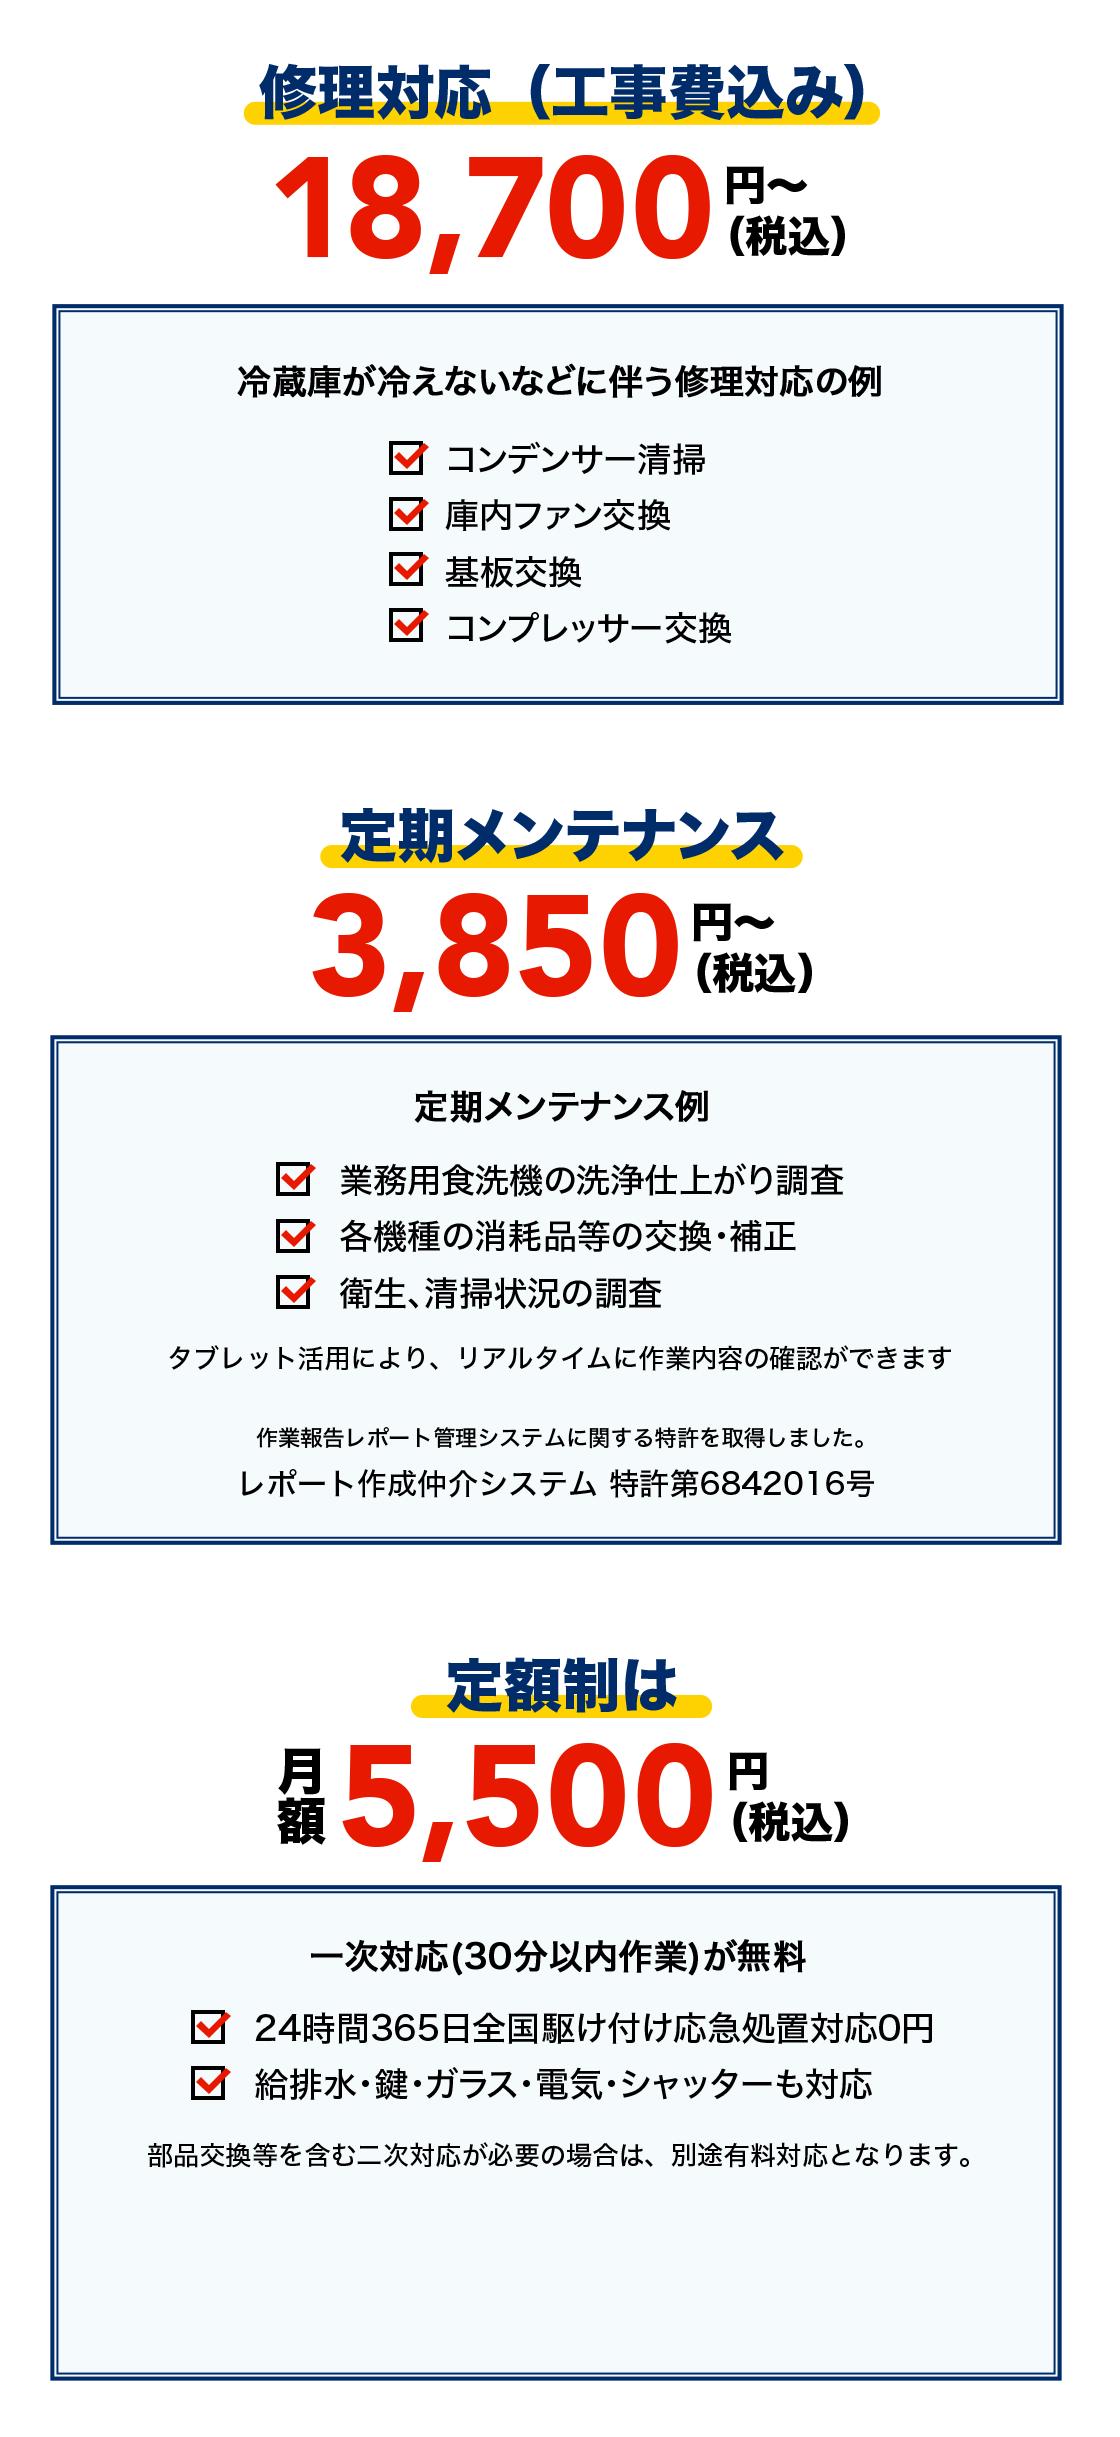 修理対応(工事費込み) 12,000円〜。定期メンテナンス 3,500円〜。定額制は6,980円/月額。